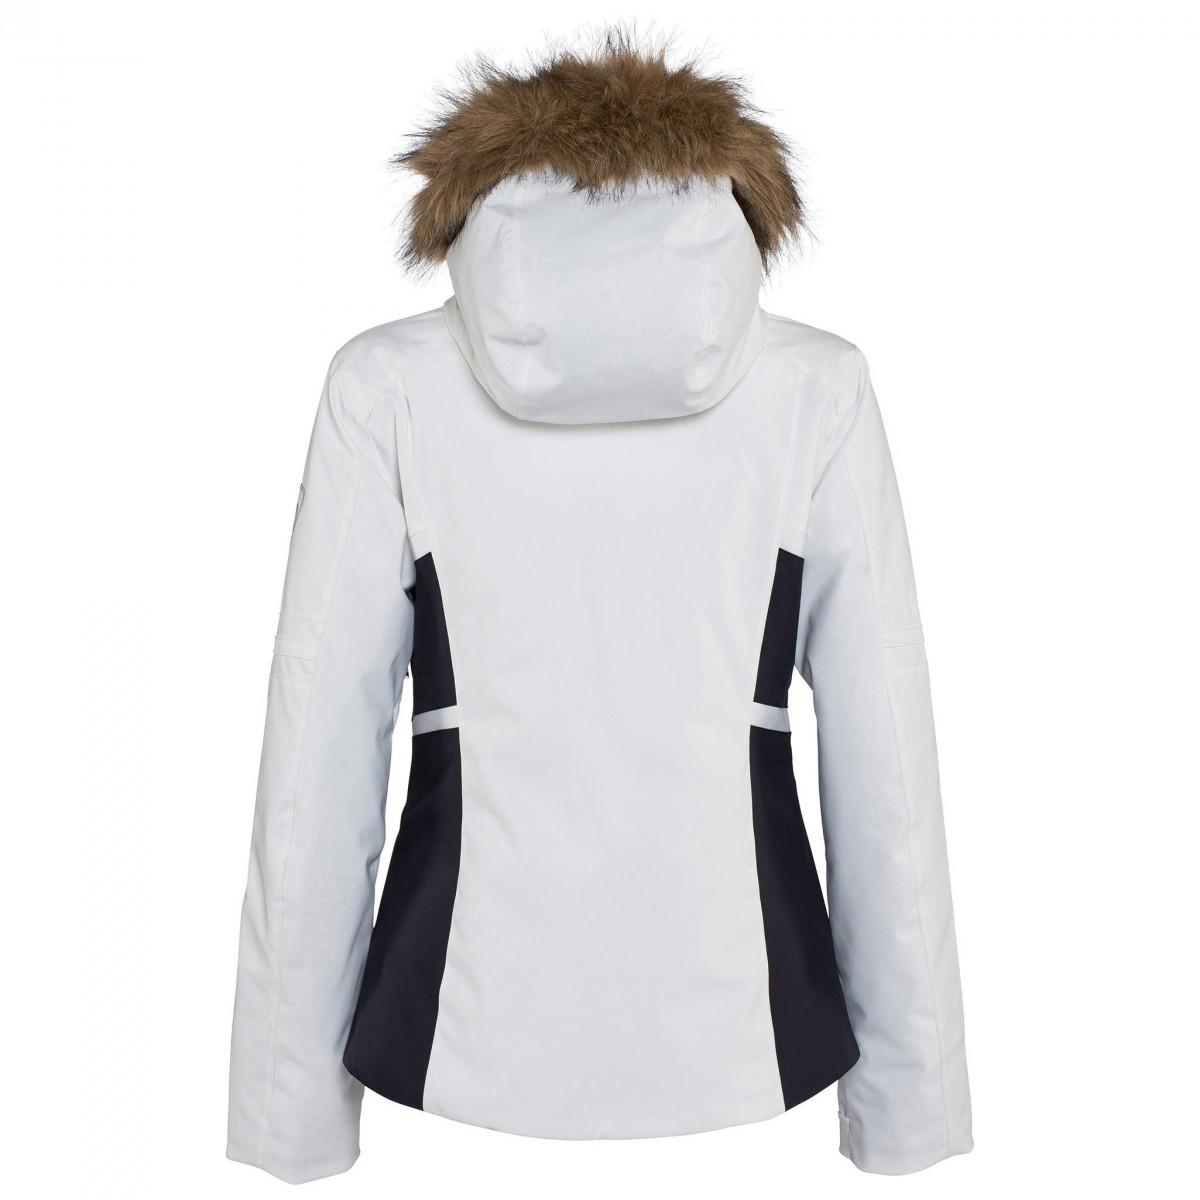 Veste ski rossignol blanc